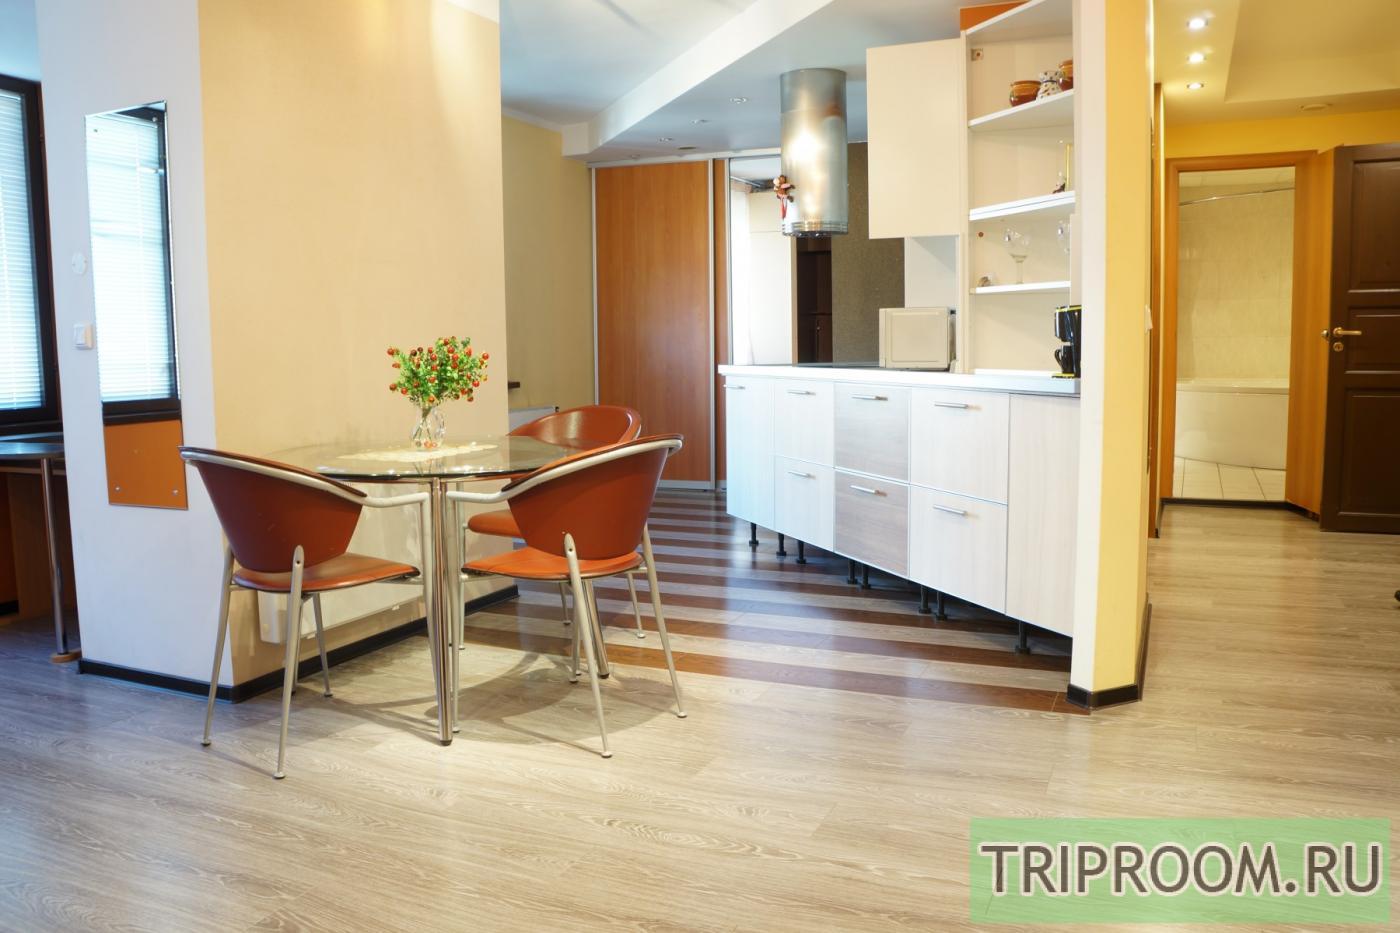 2-комнатная квартира посуточно (вариант № 28673), ул. Варшавская улица, фото № 5